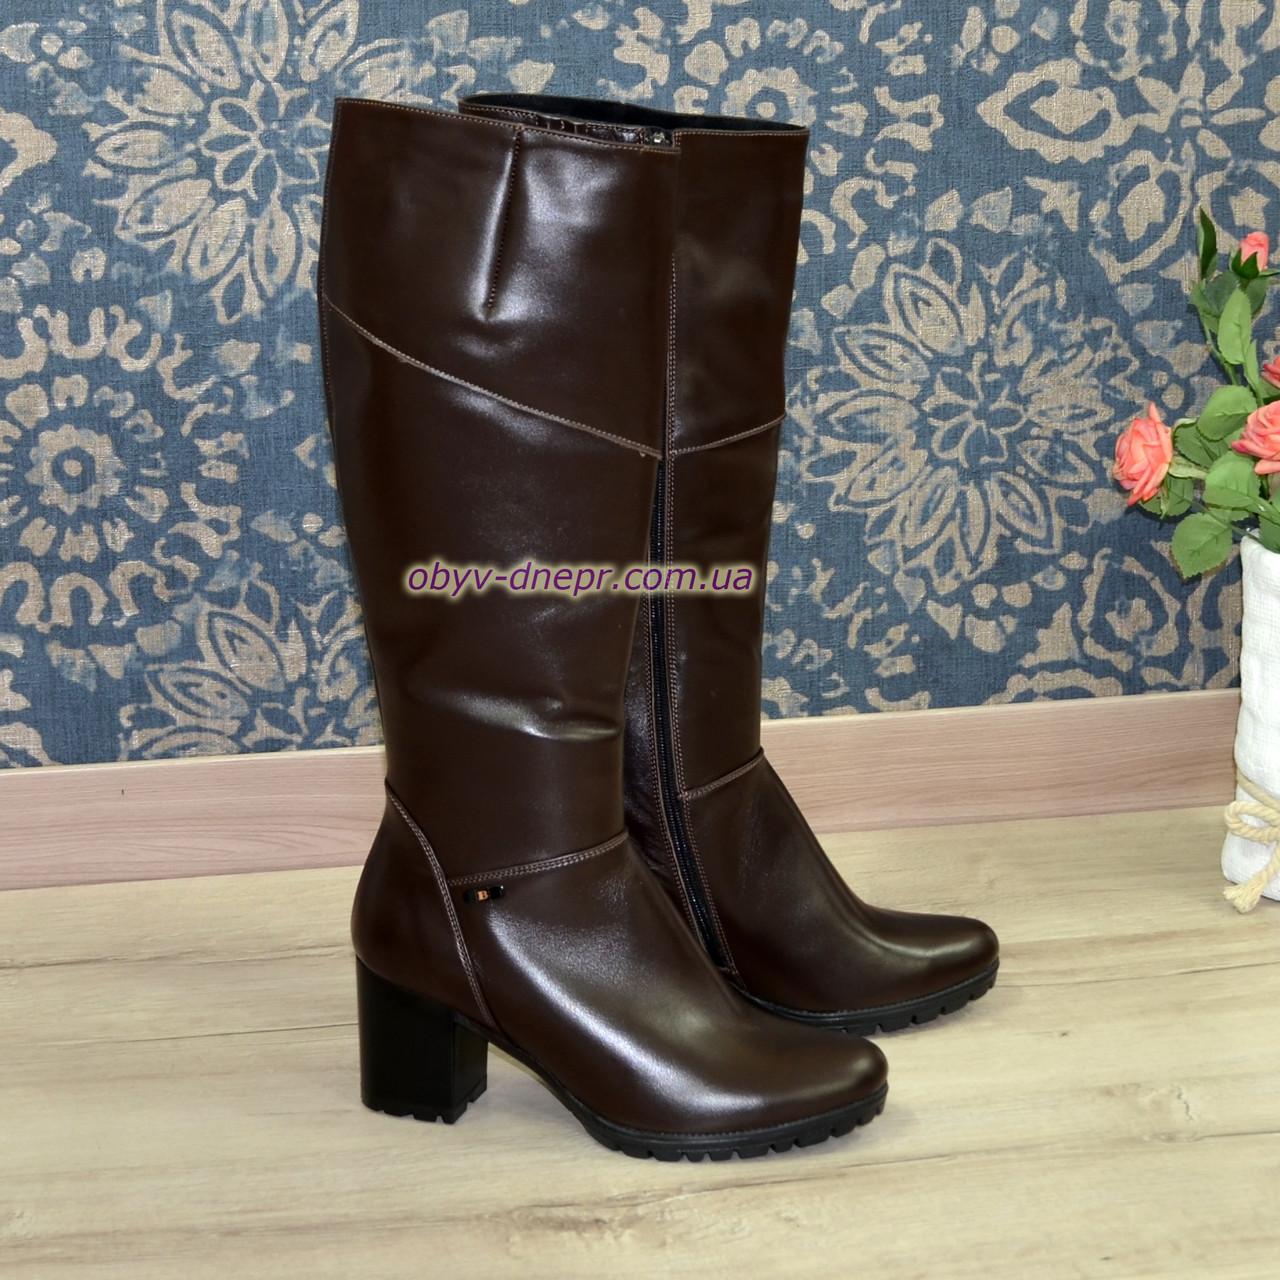 Сапоги женские зимние на устойчивом каблуке, натуральная коричневая кожа